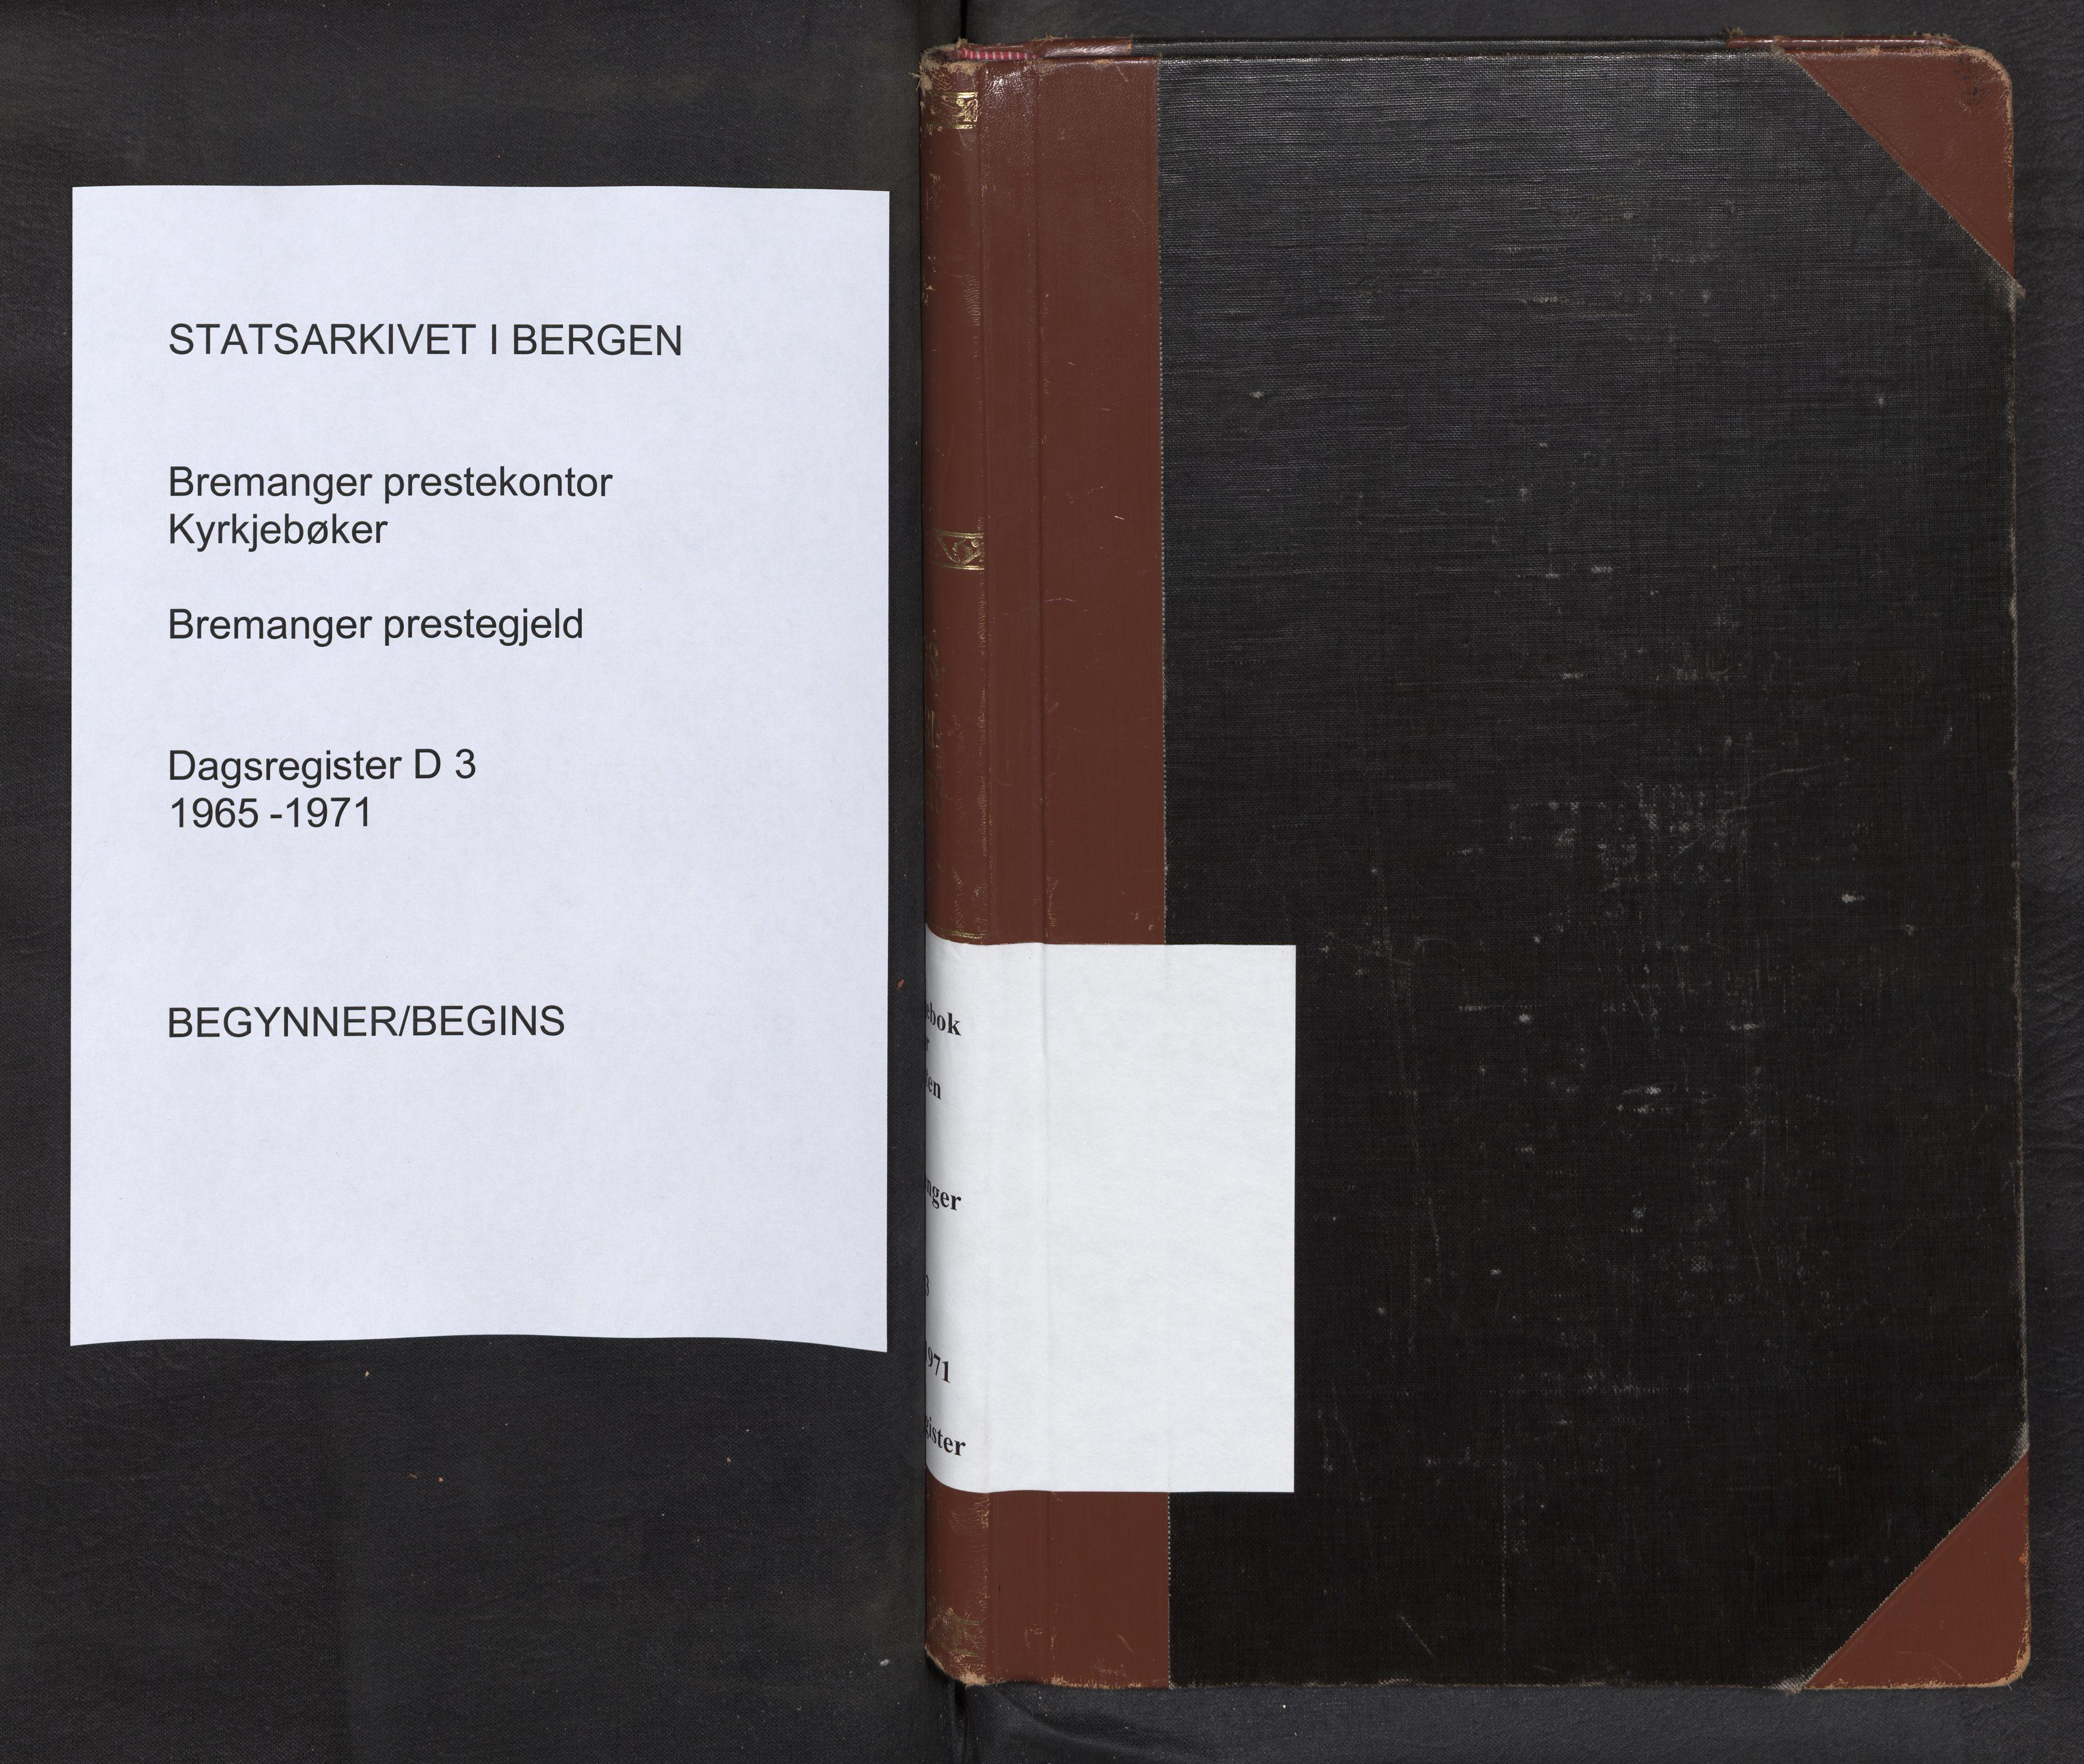 SAB, Bremanger Sokneprestembete, Dagregister nr. D 3, 1965-1971